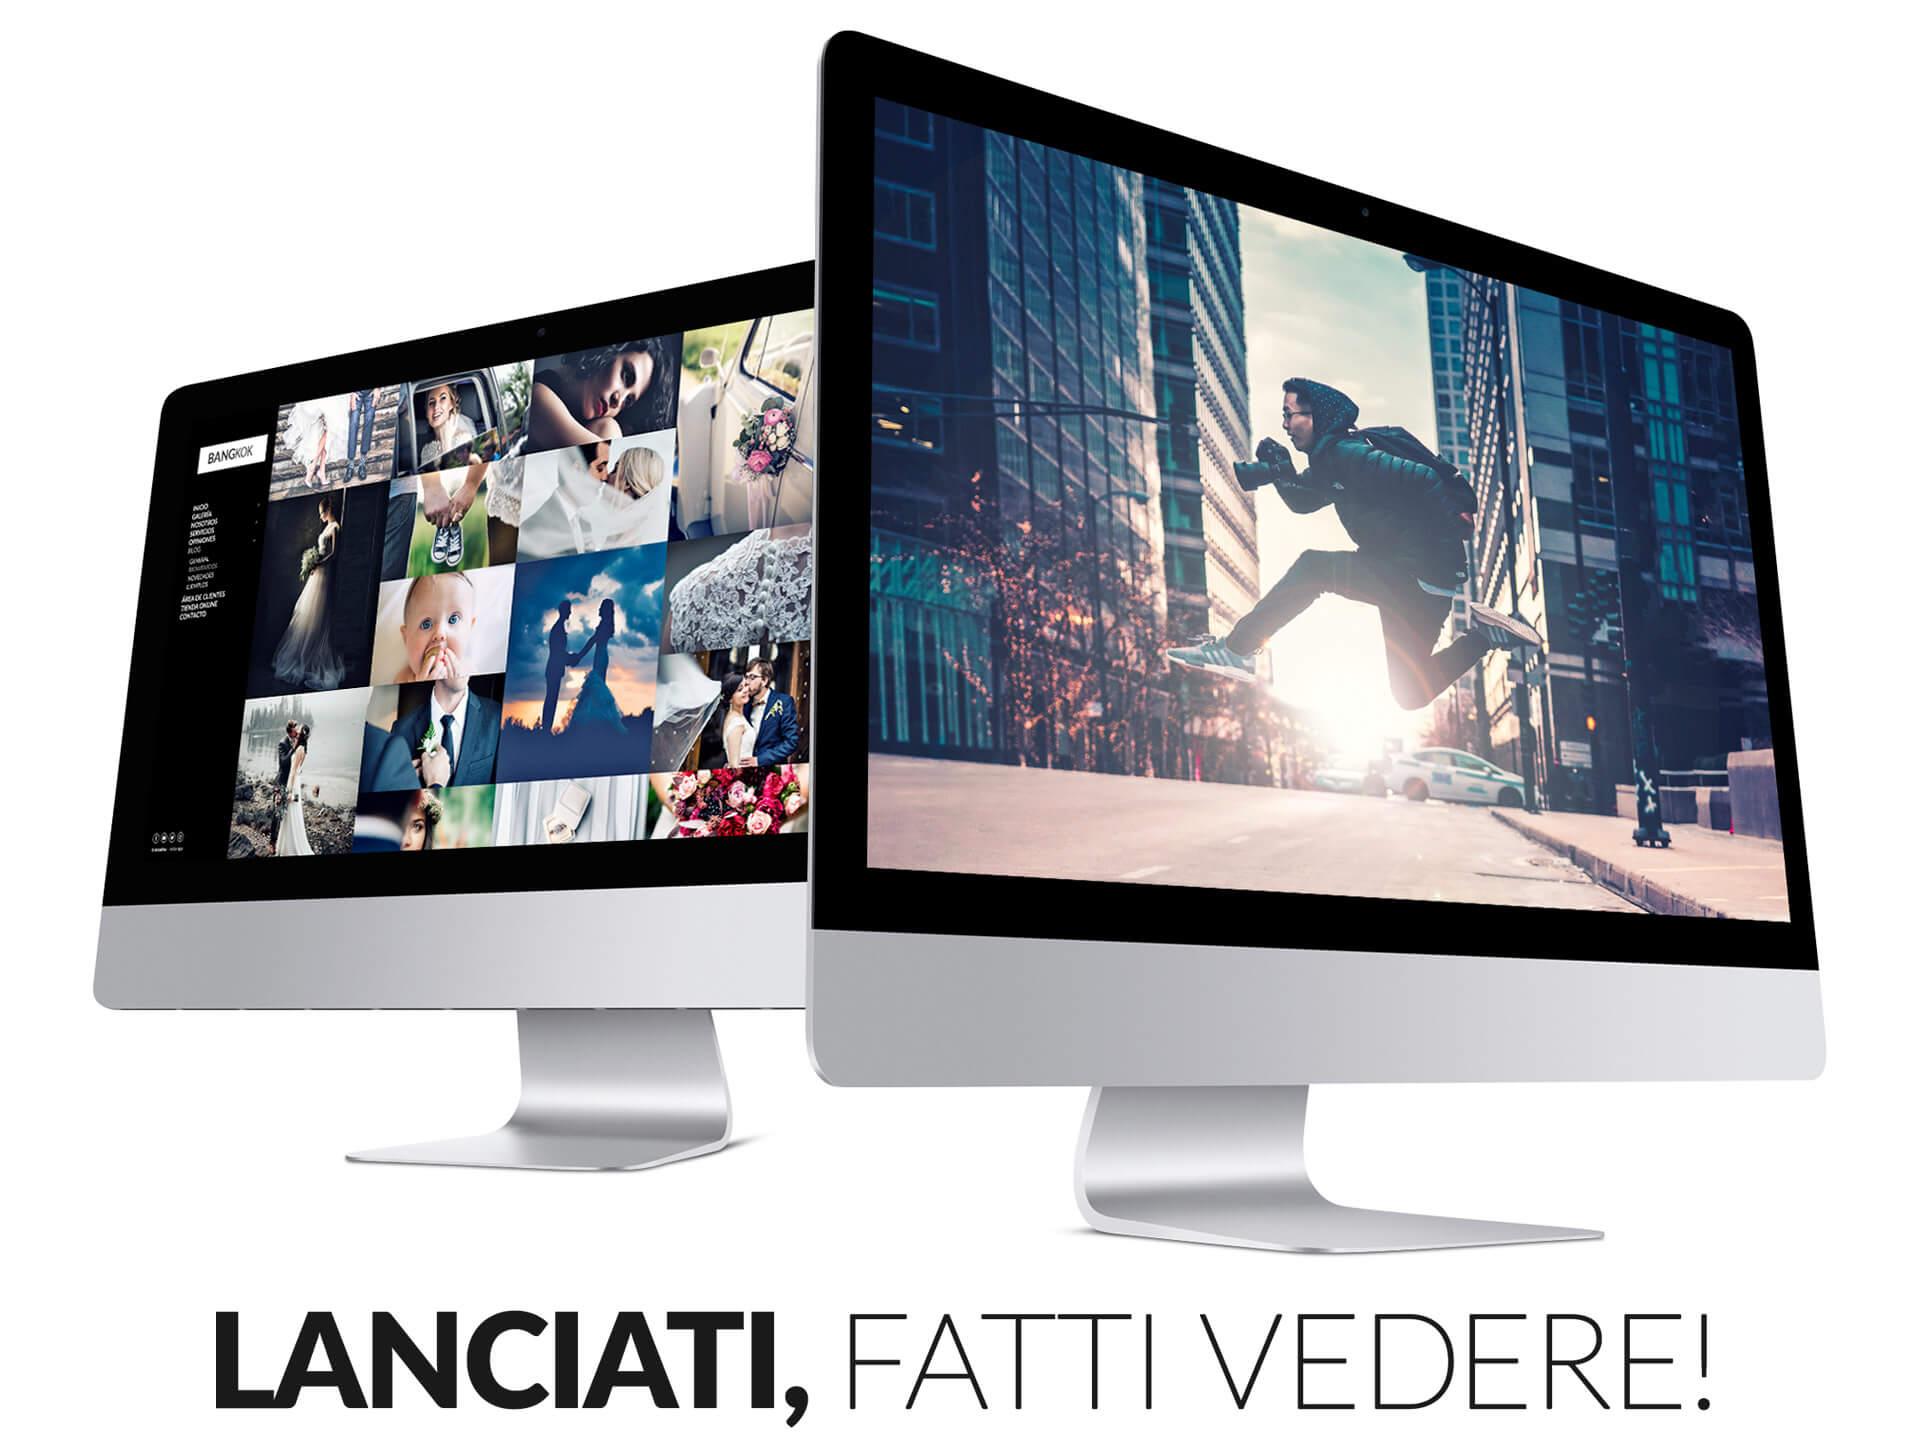 Siti web per fotografi in tutti i dispositivi